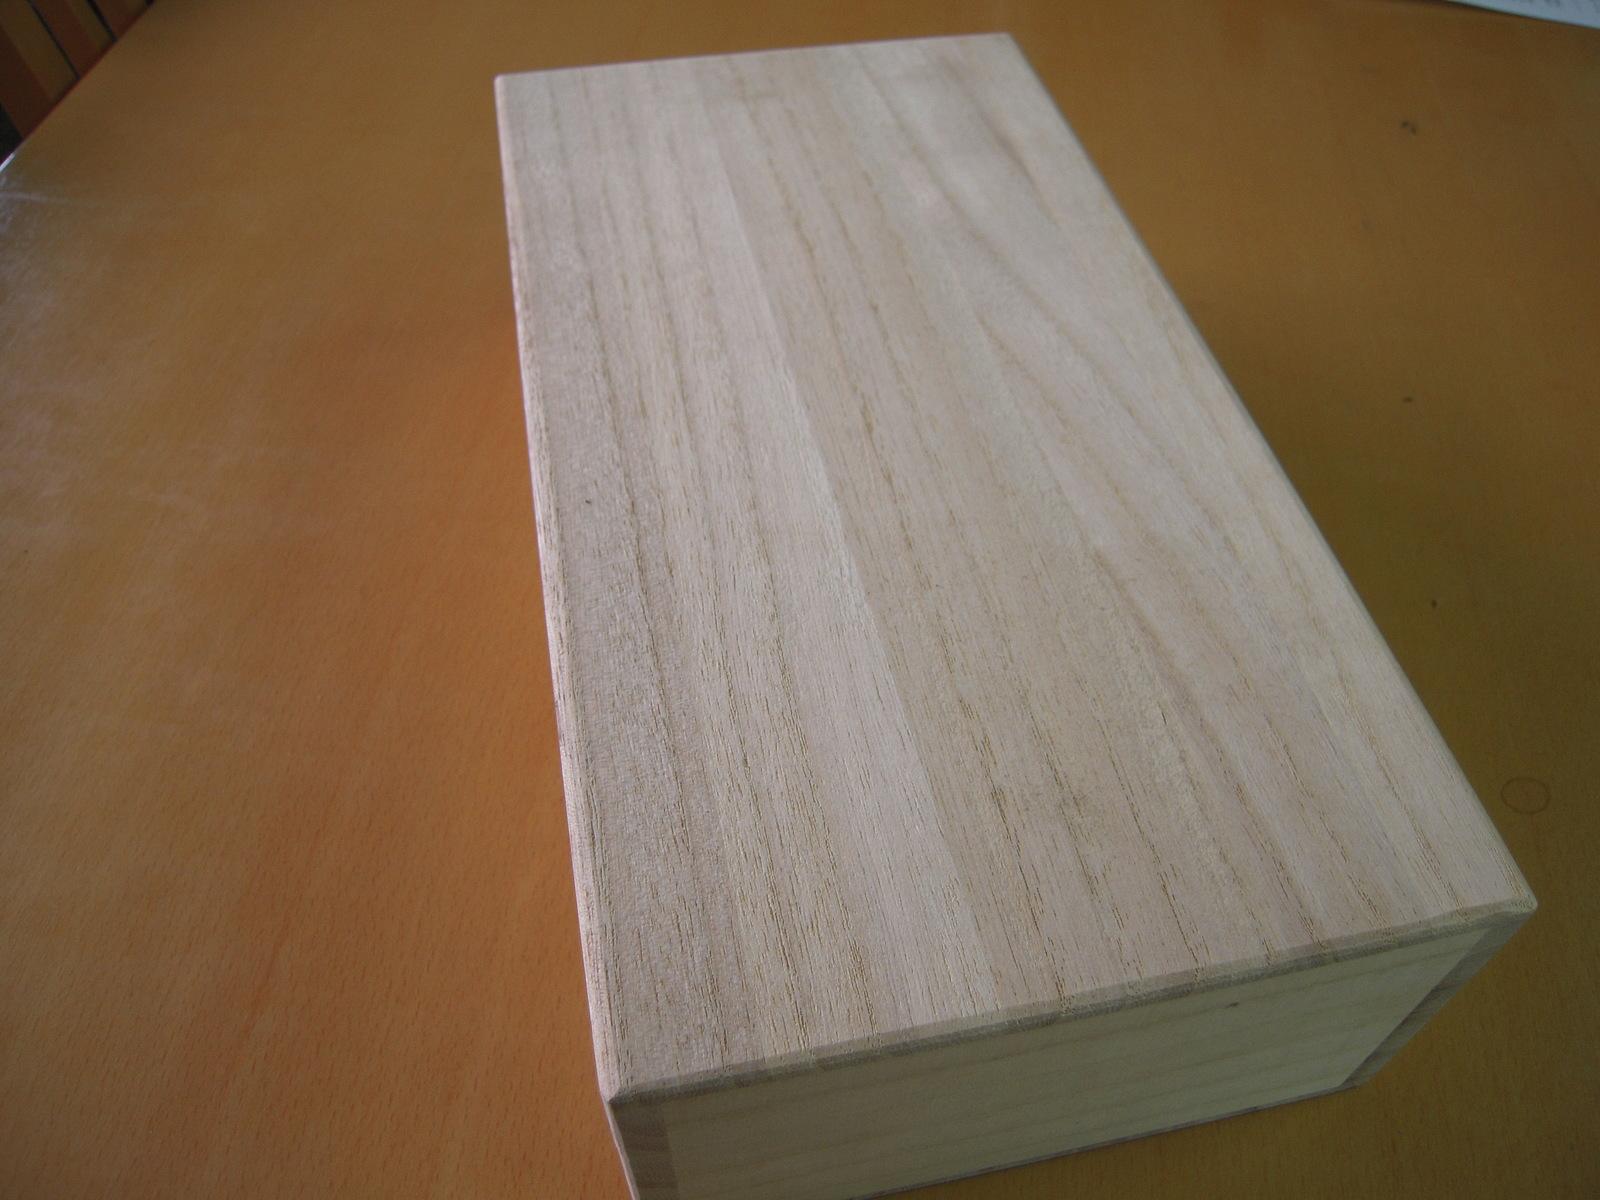 整理箱 桐製 国産 整理 収納 手作り 文房具 はがき ひも 全品最安値に挑戦 小物 高い素材